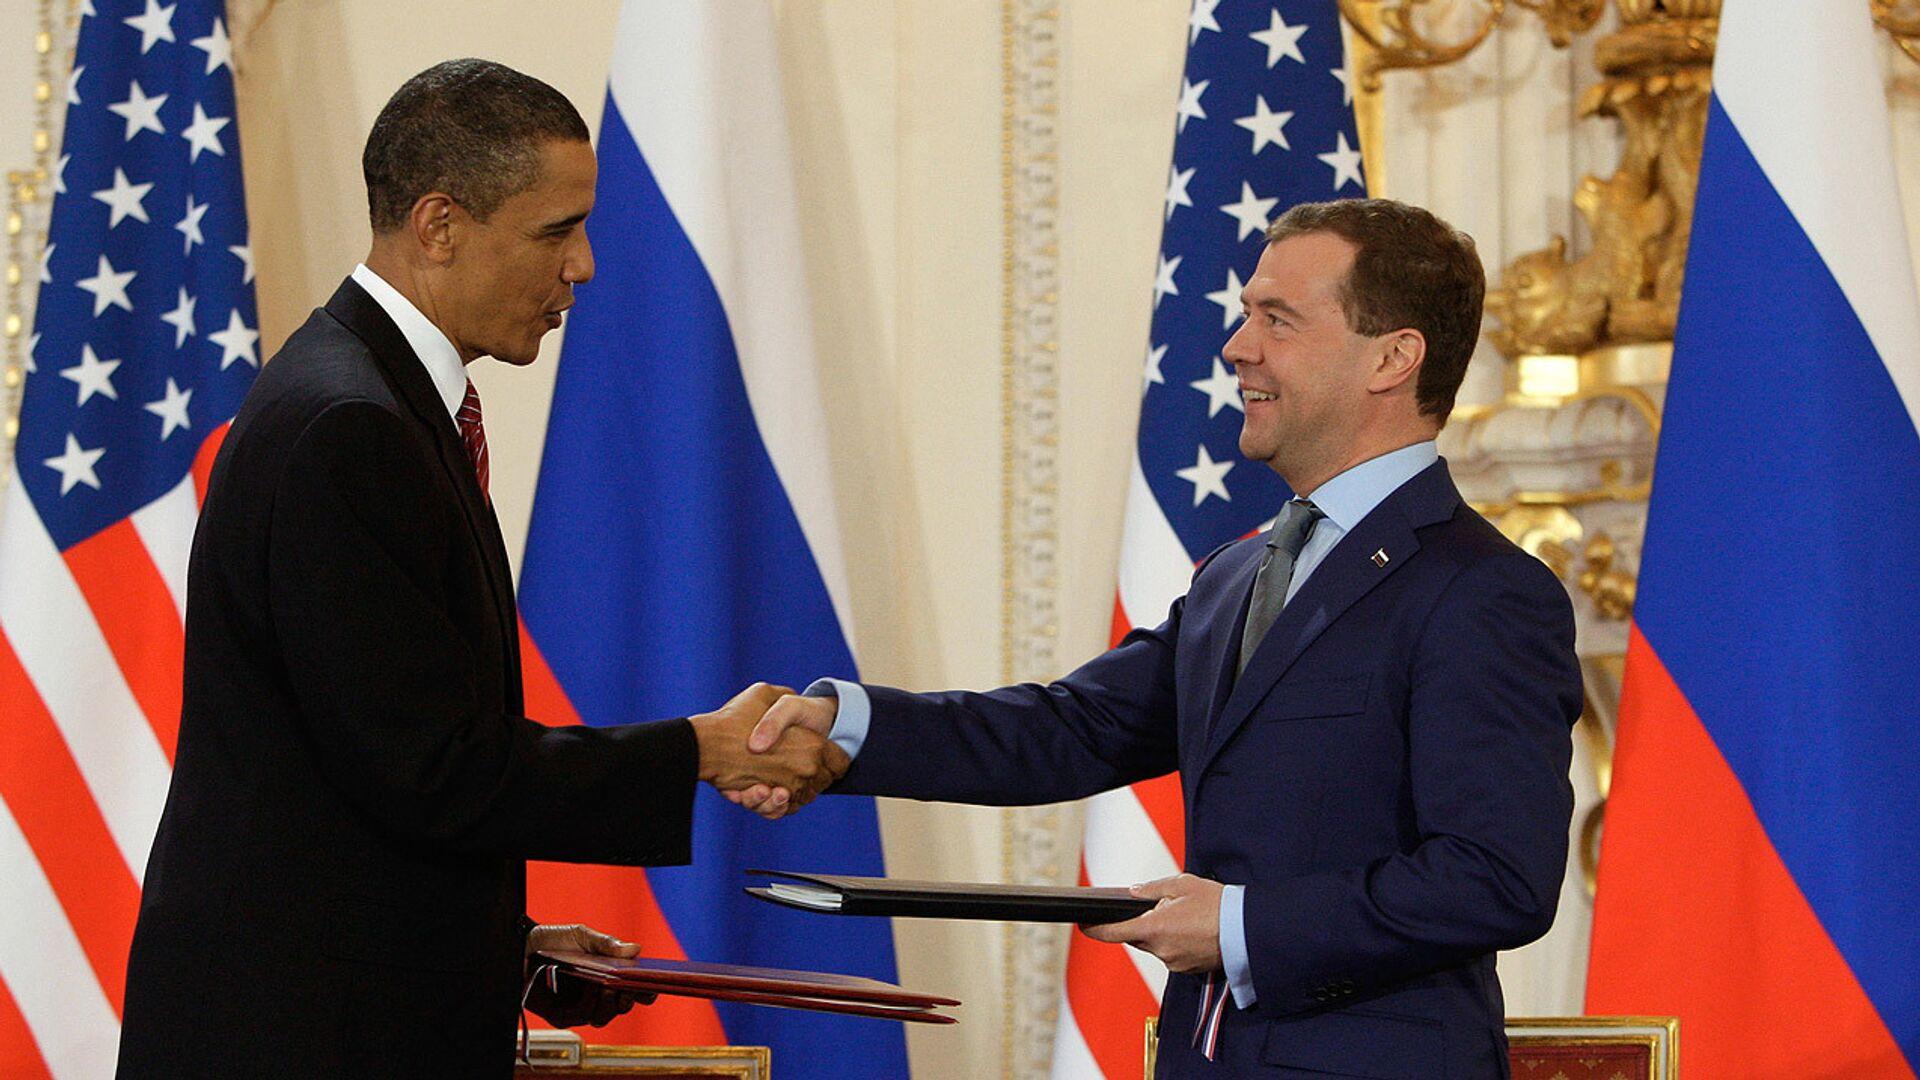 Дмитрий Медведев и Барак Обама подписали новый договор по СНВ  - РИА Новости, 1920, 27.01.2021